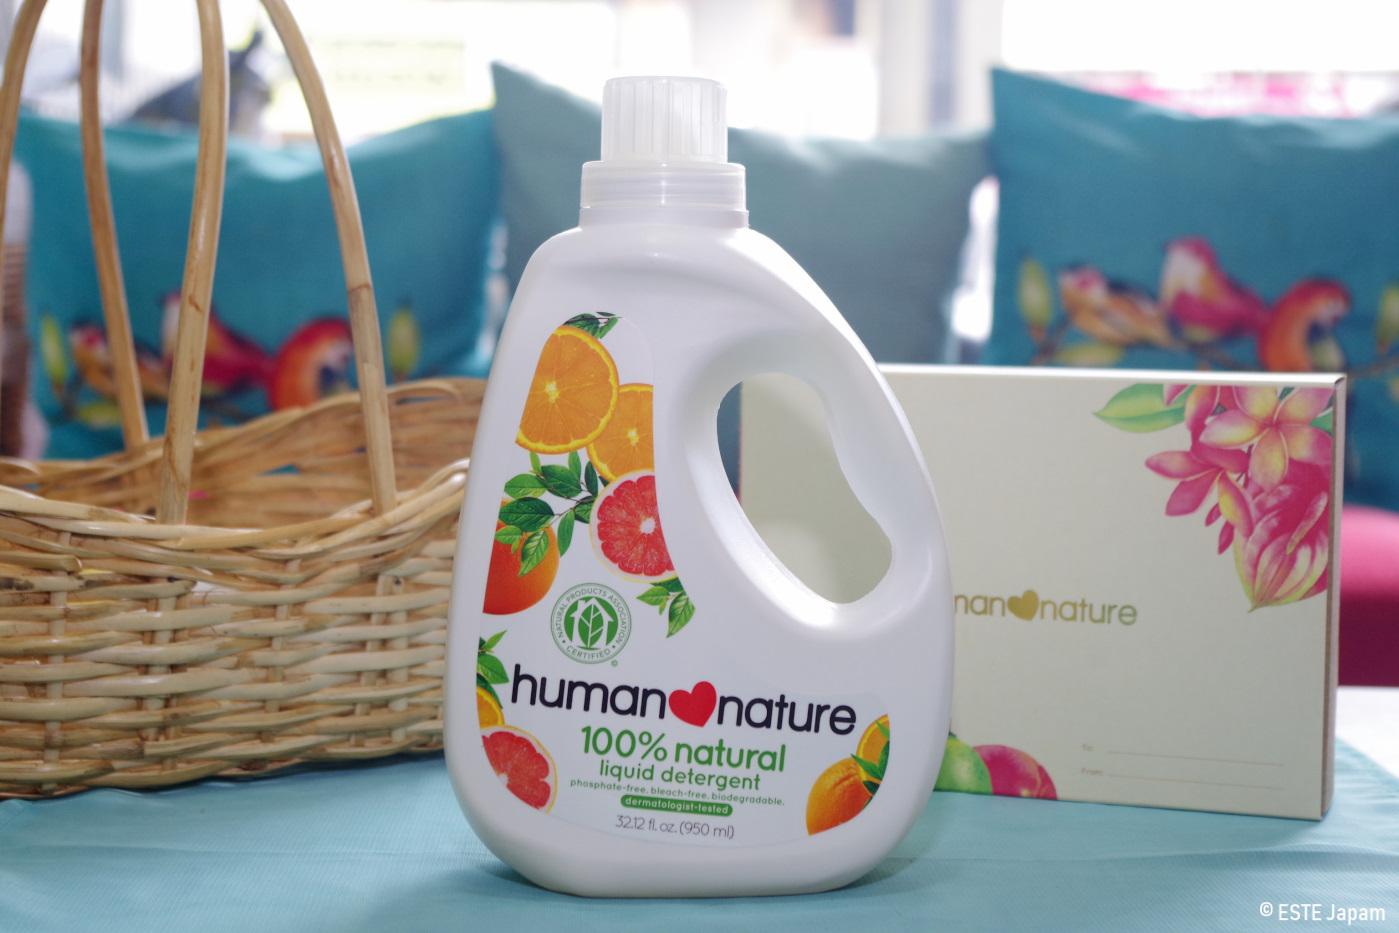 ヒューマンネイチャーの洗濯用洗剤